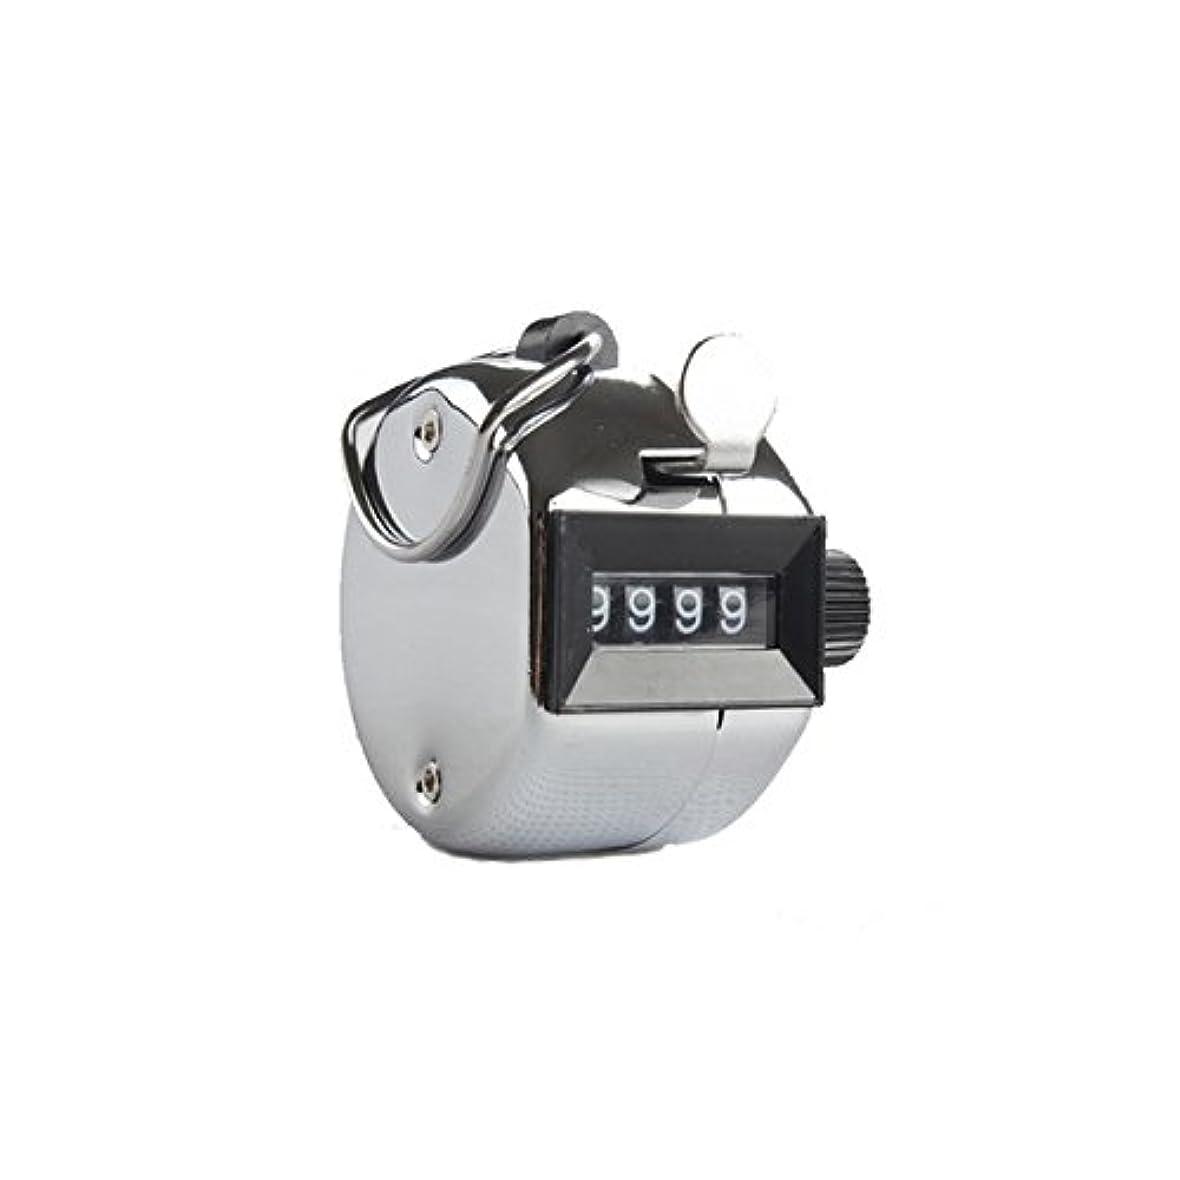 急速な印象的動かすエクステカウンター(シルバー)手持ちホルダー付き 数取器 まつげエクステ用品